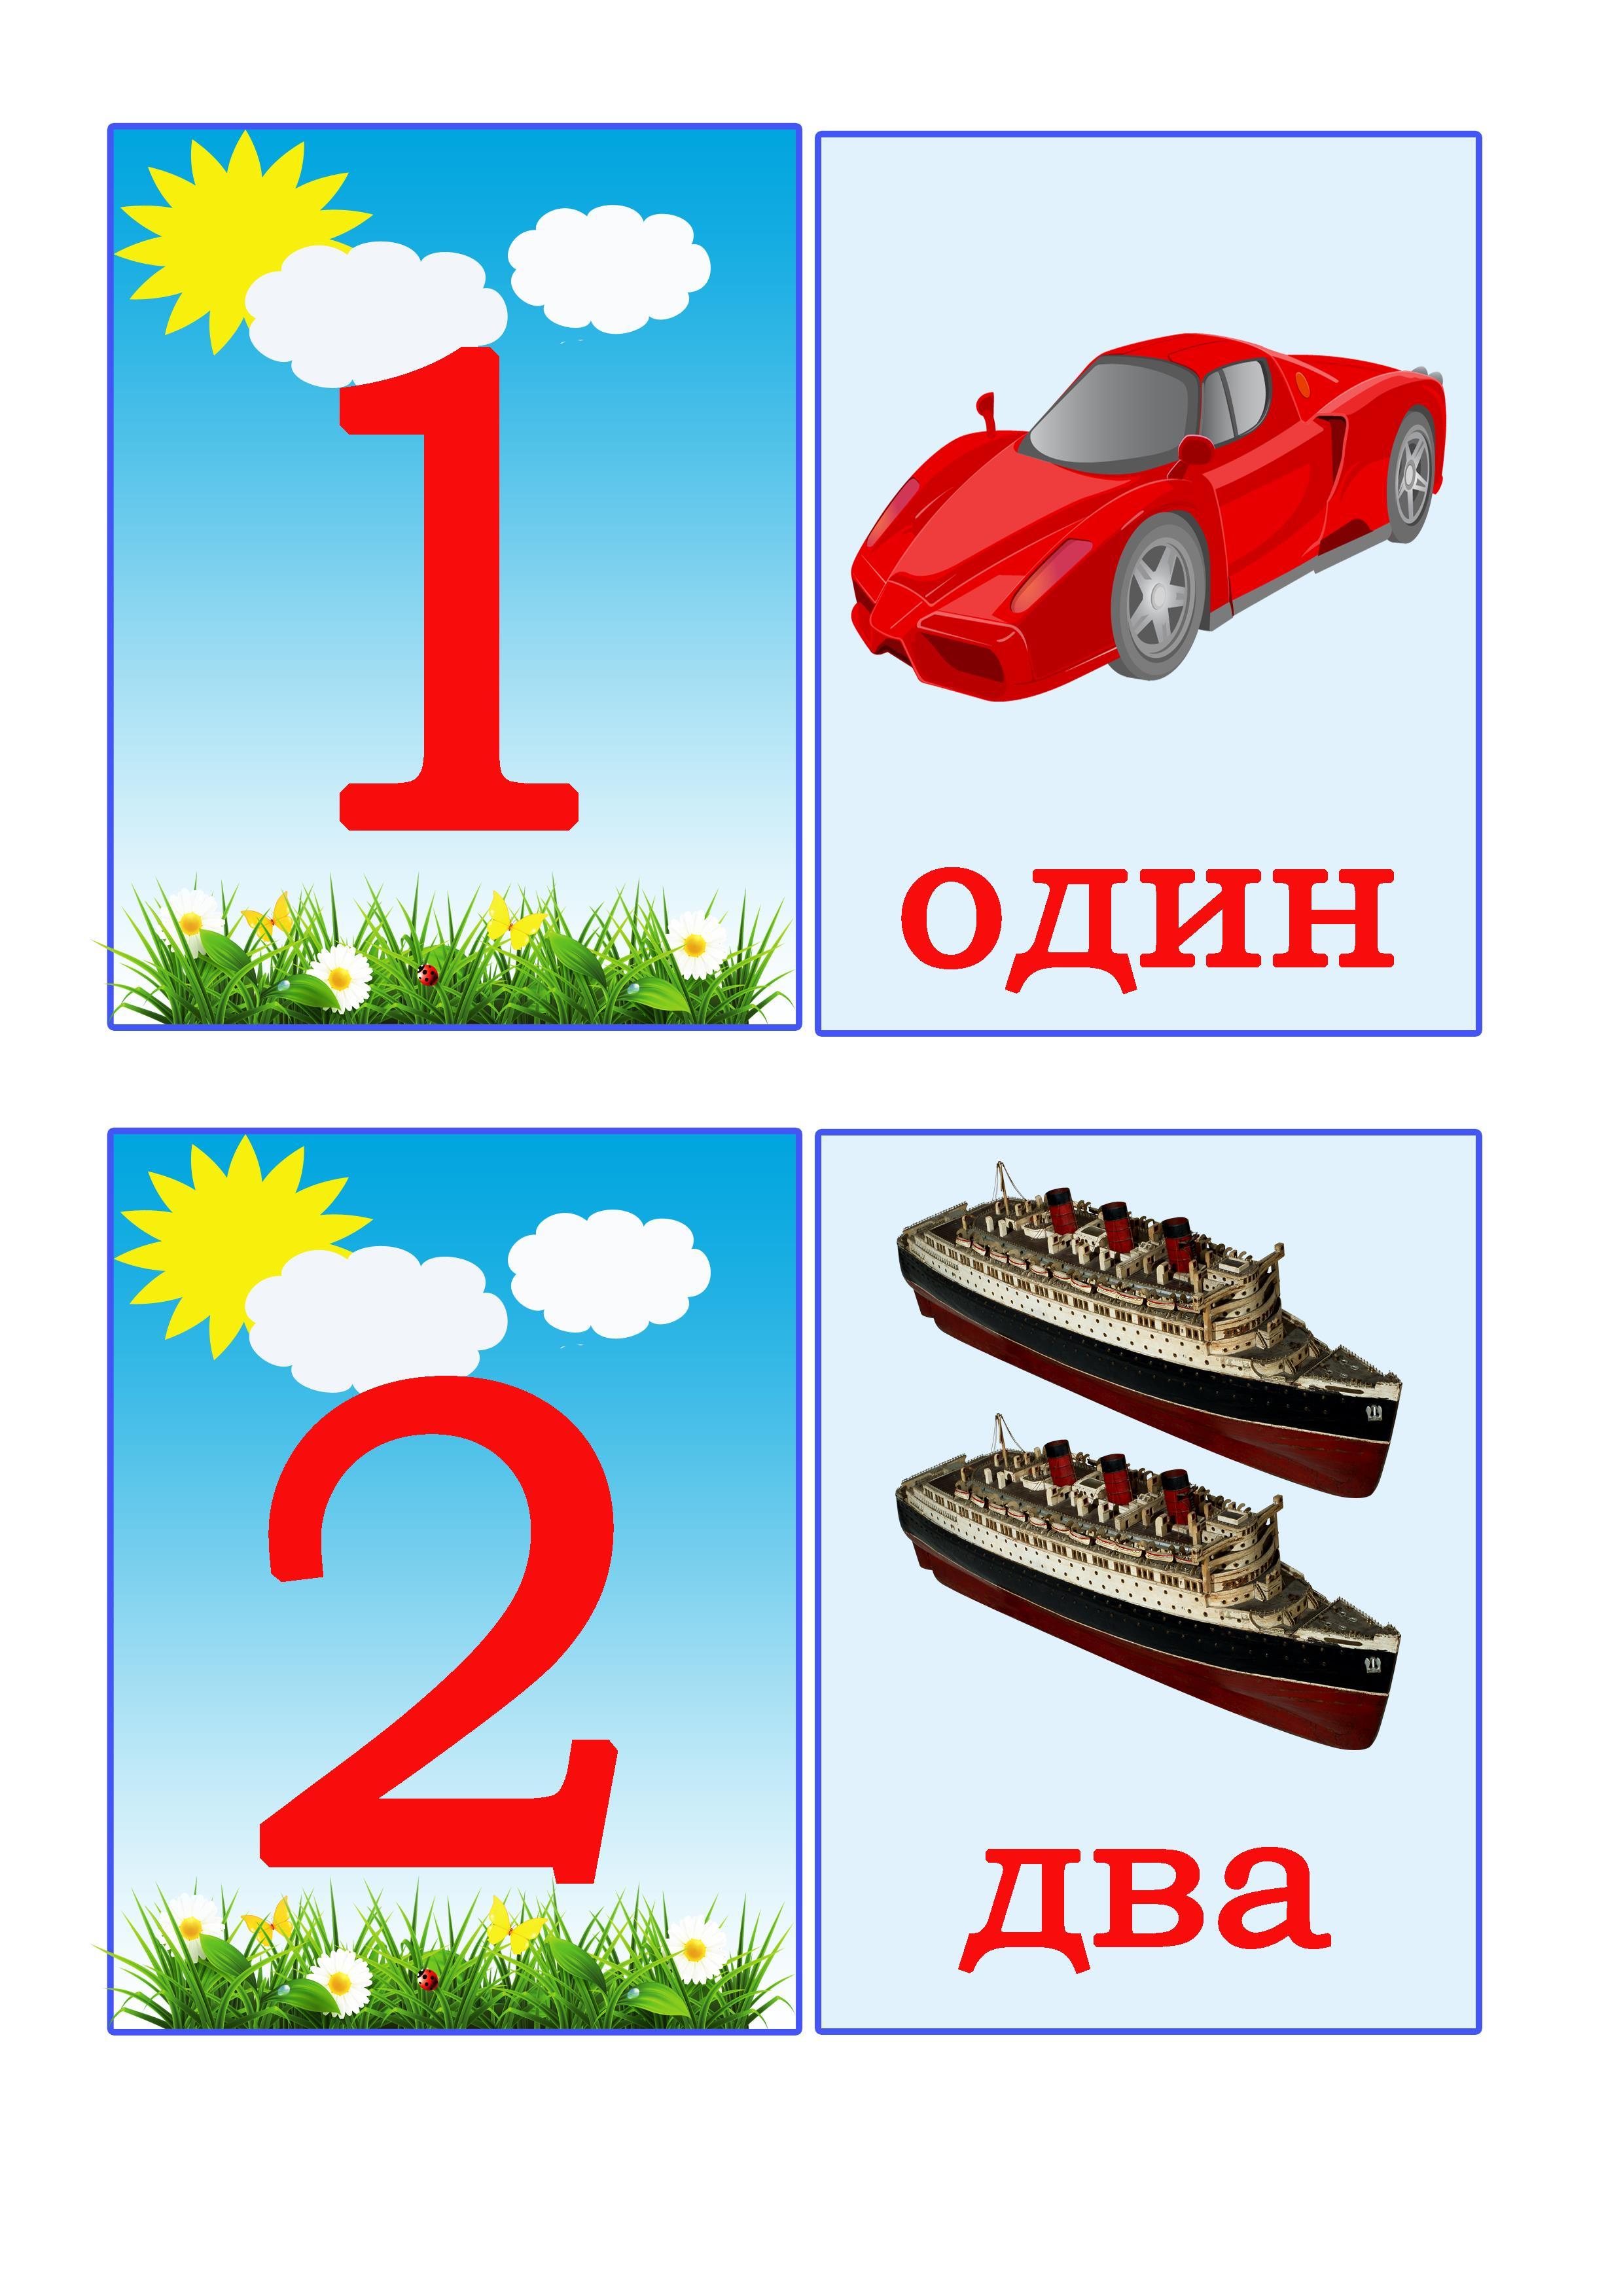 Цифры 1 и 2